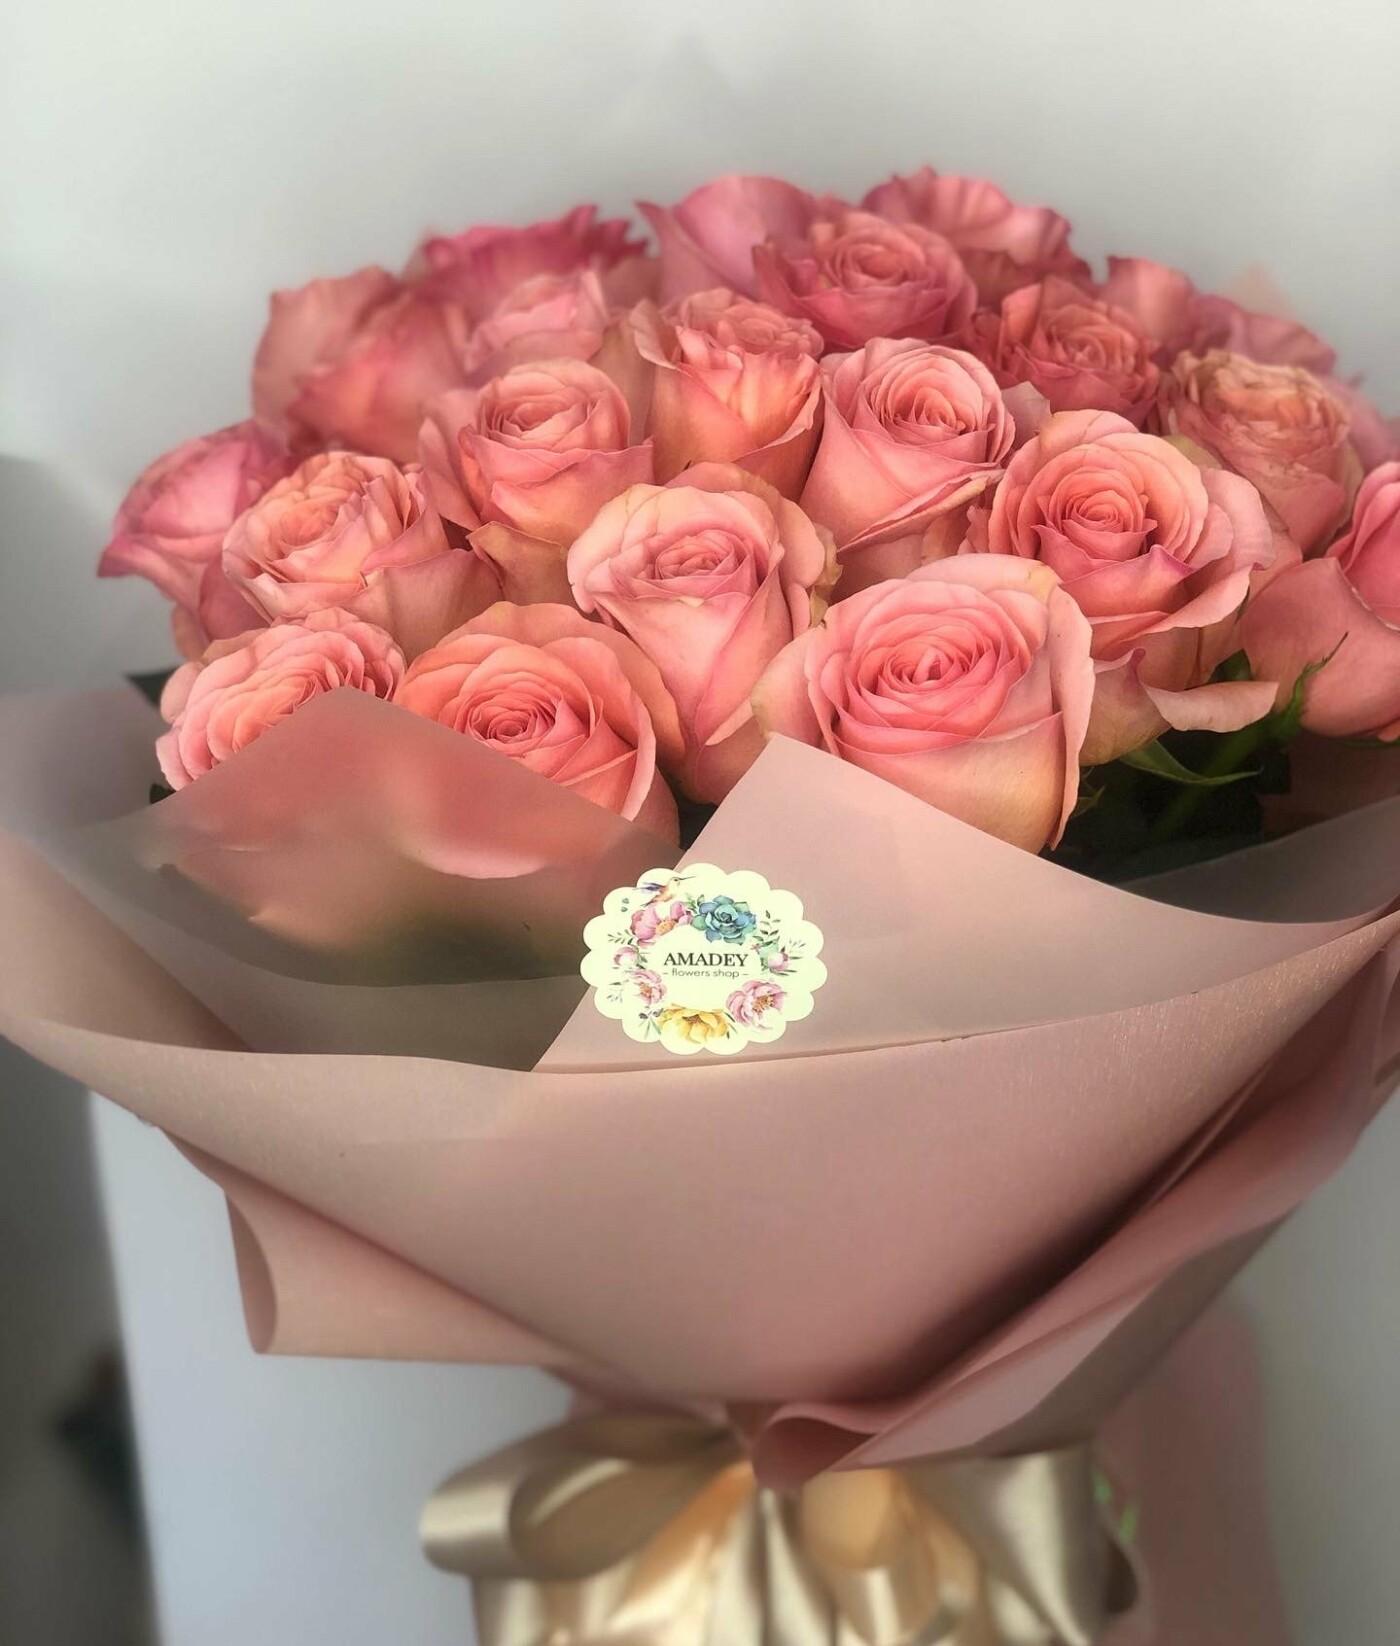 Завжди готові дивувати лозівчан: креативні букети у квітковому салоні «Amadey flowers» , фото-11